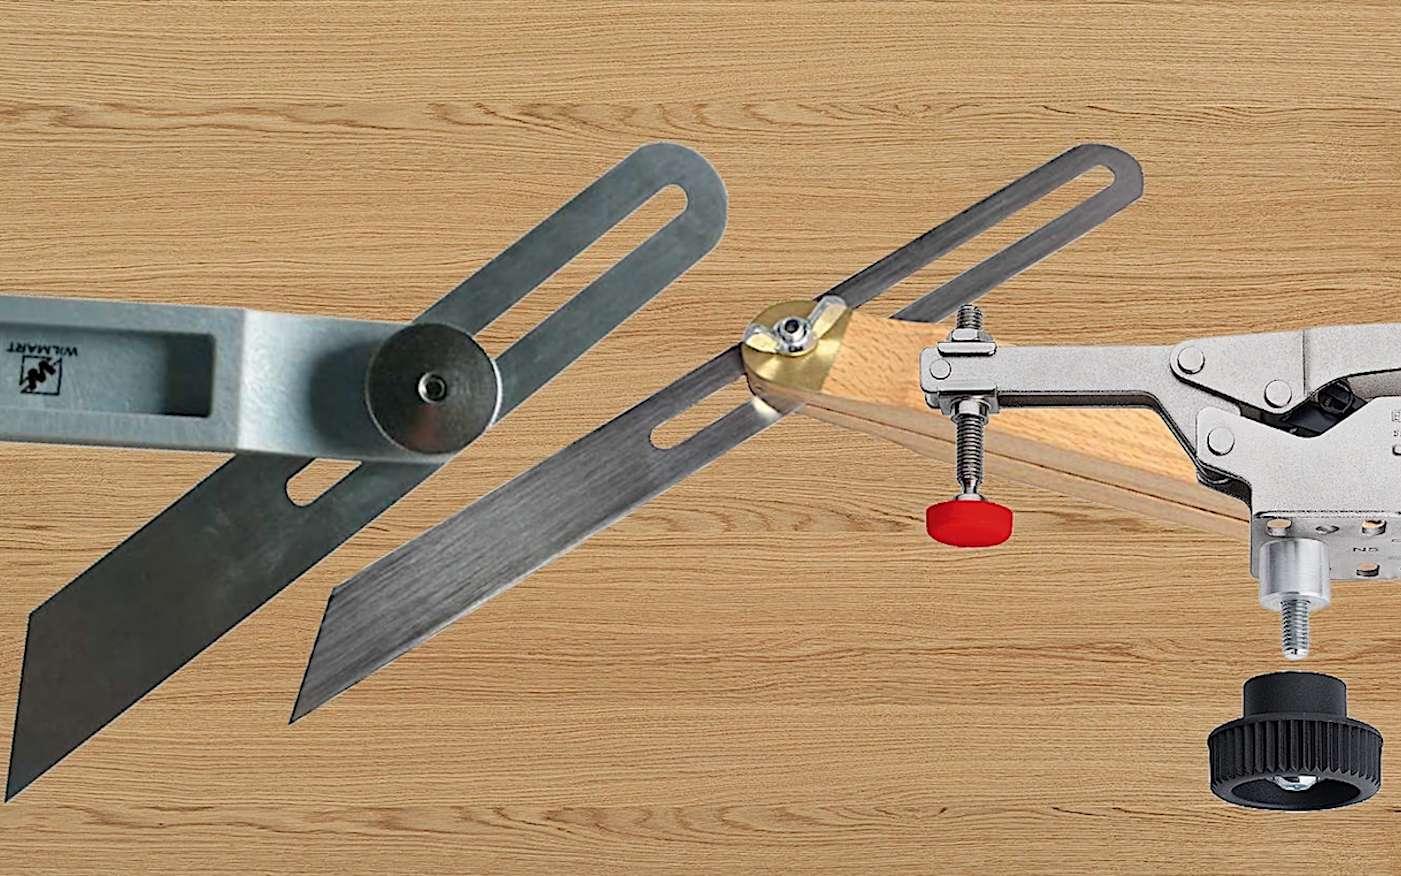 Sauterelles équerres Wilmart et sauterelle de serrage Bessey © Montage photo Futura Maison